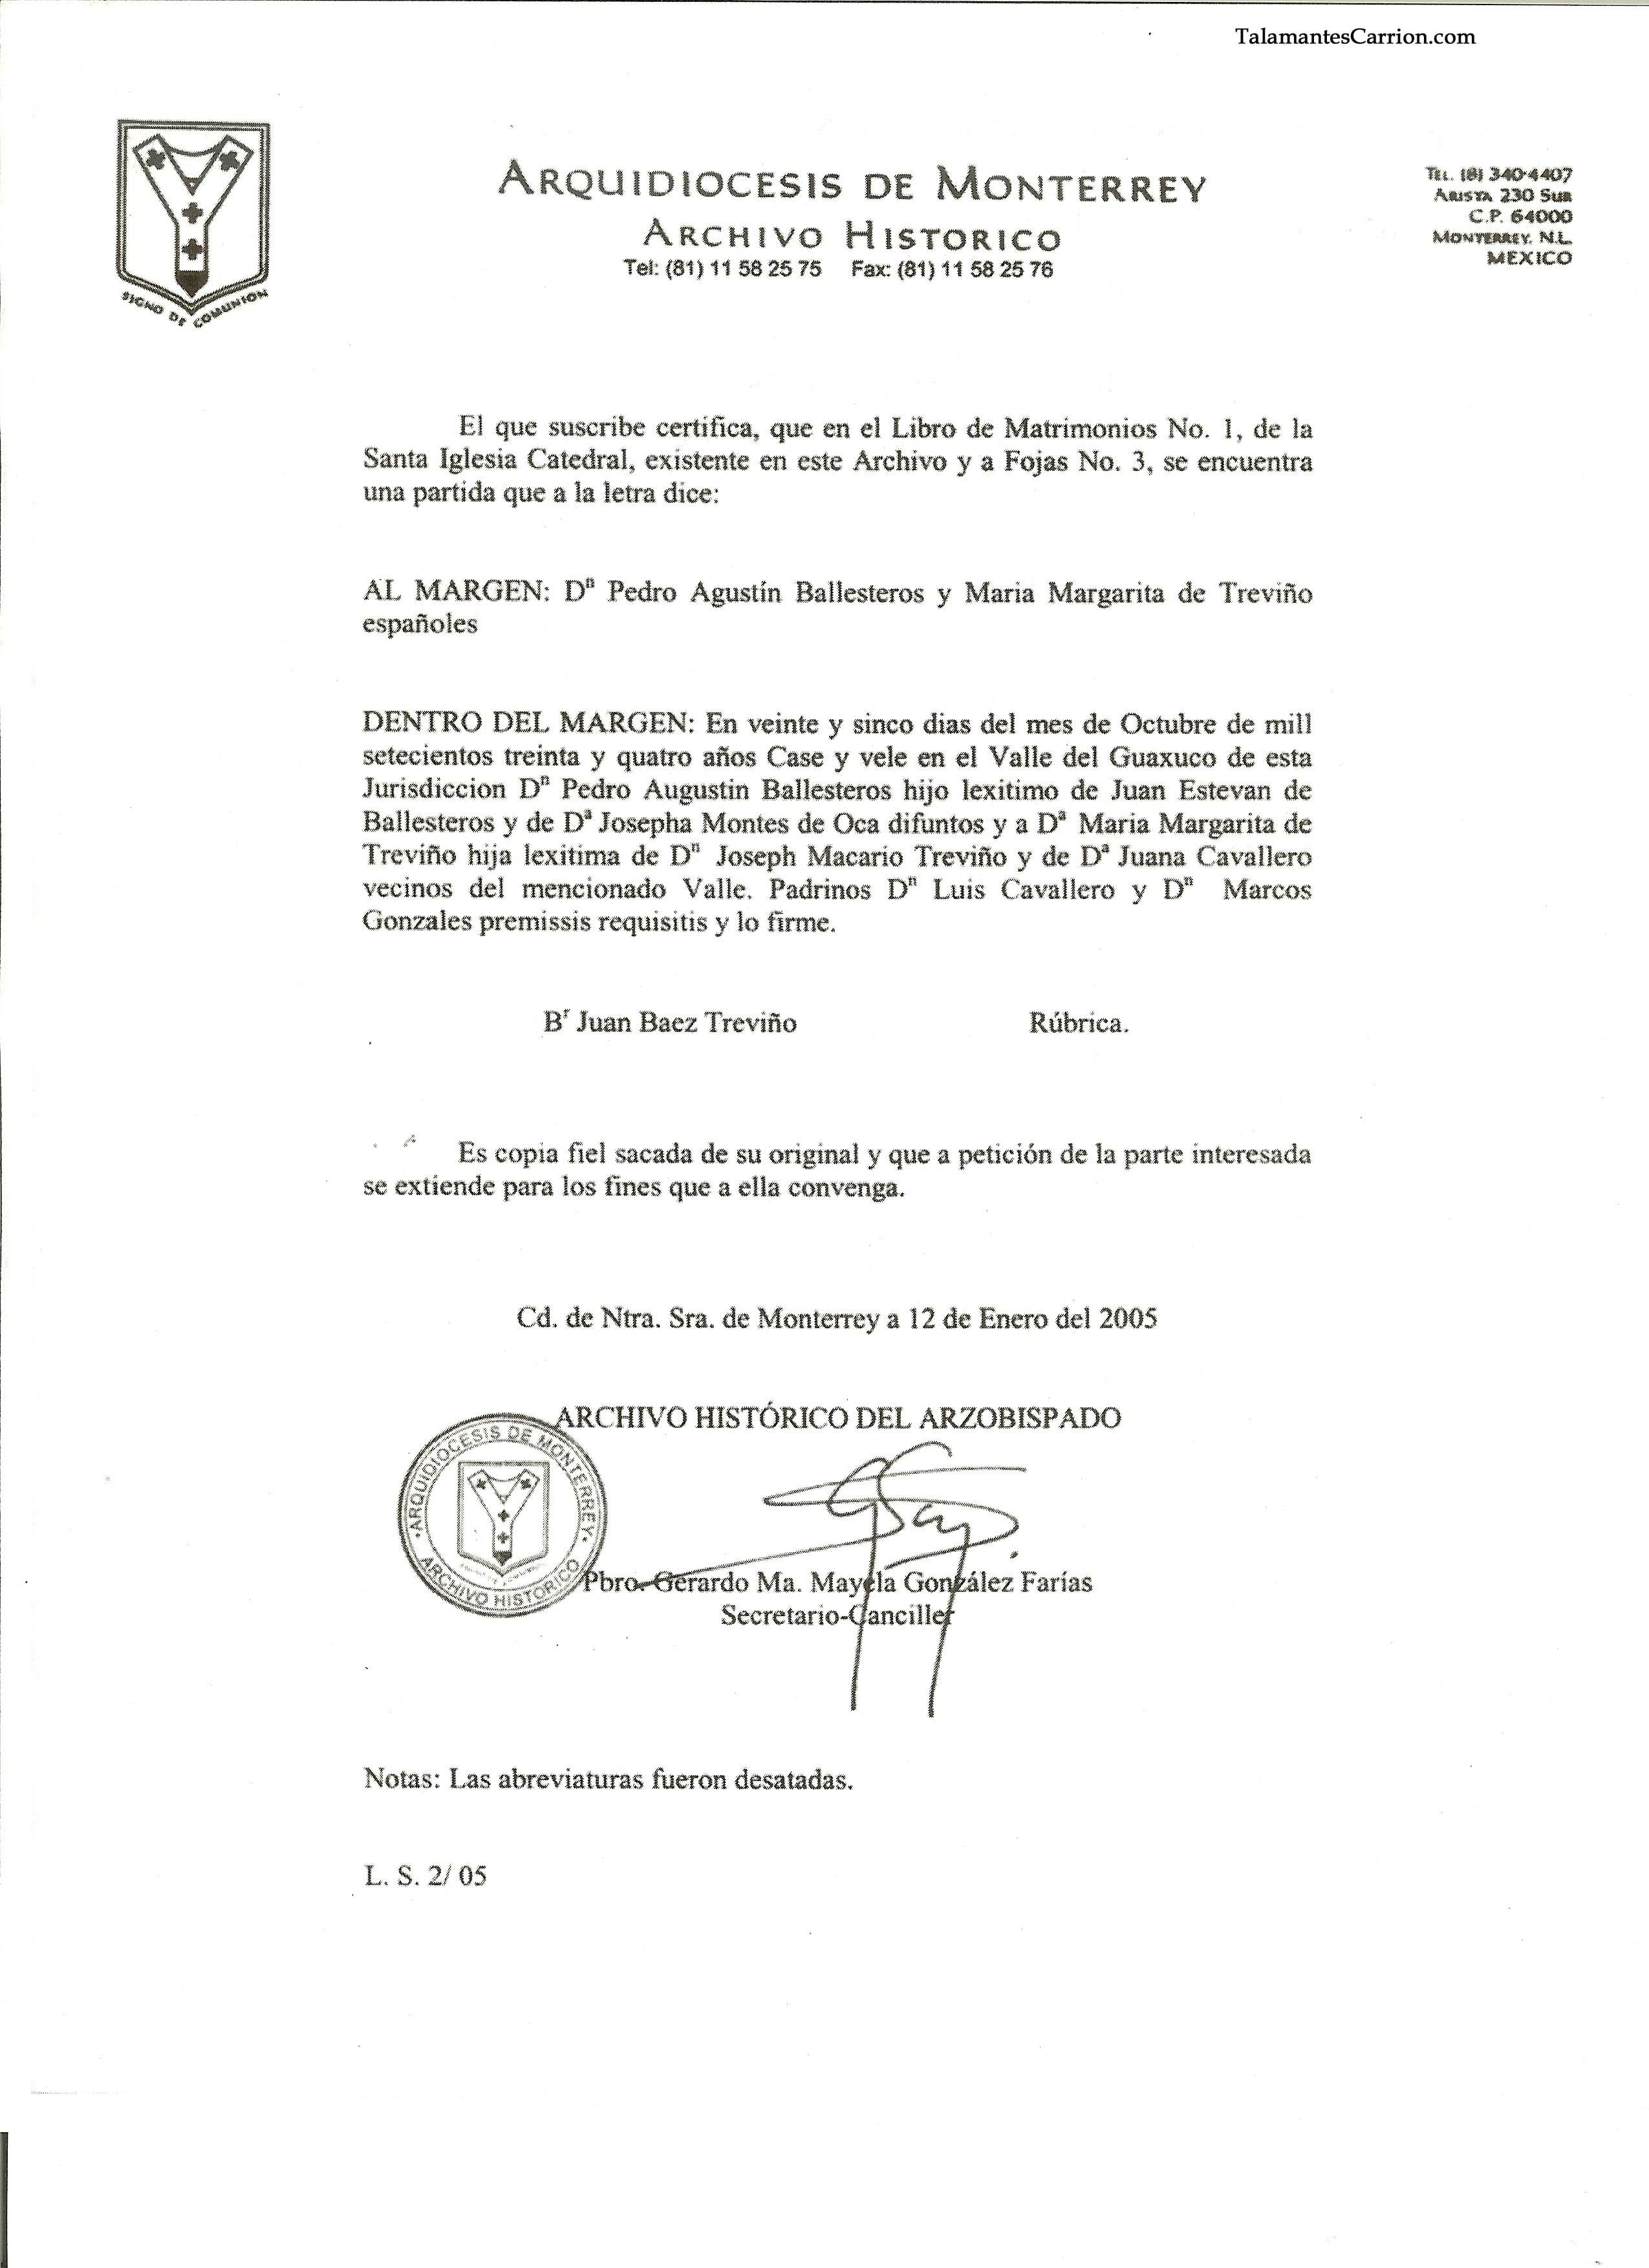 Acta De Matrimonio Catolico : Actas de matrimonio catolico tattoo design bild